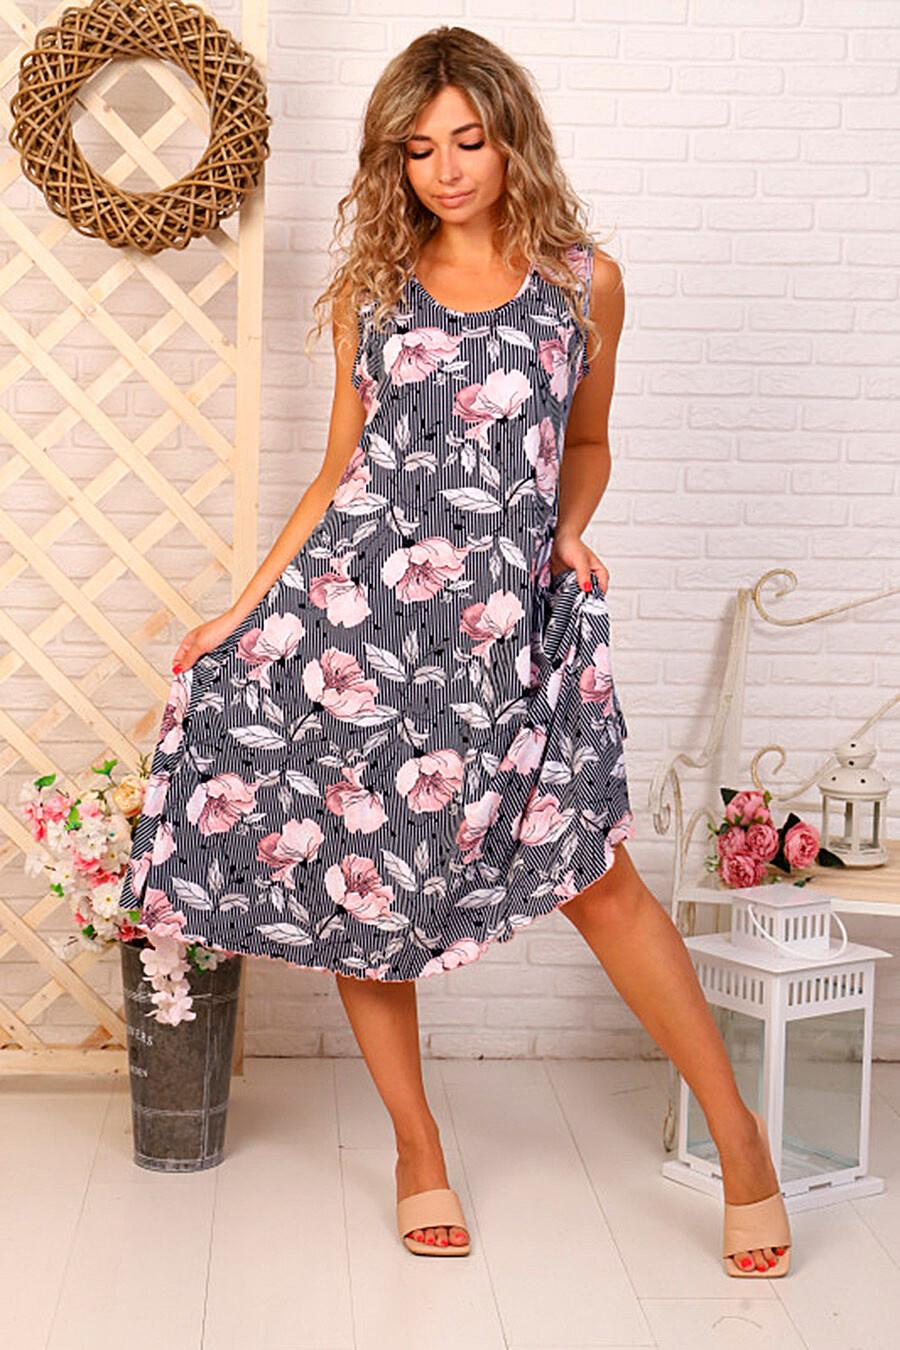 Сарафан для женщин SOFIYA37 682281 купить оптом от производителя. Совместная покупка женской одежды в OptMoyo